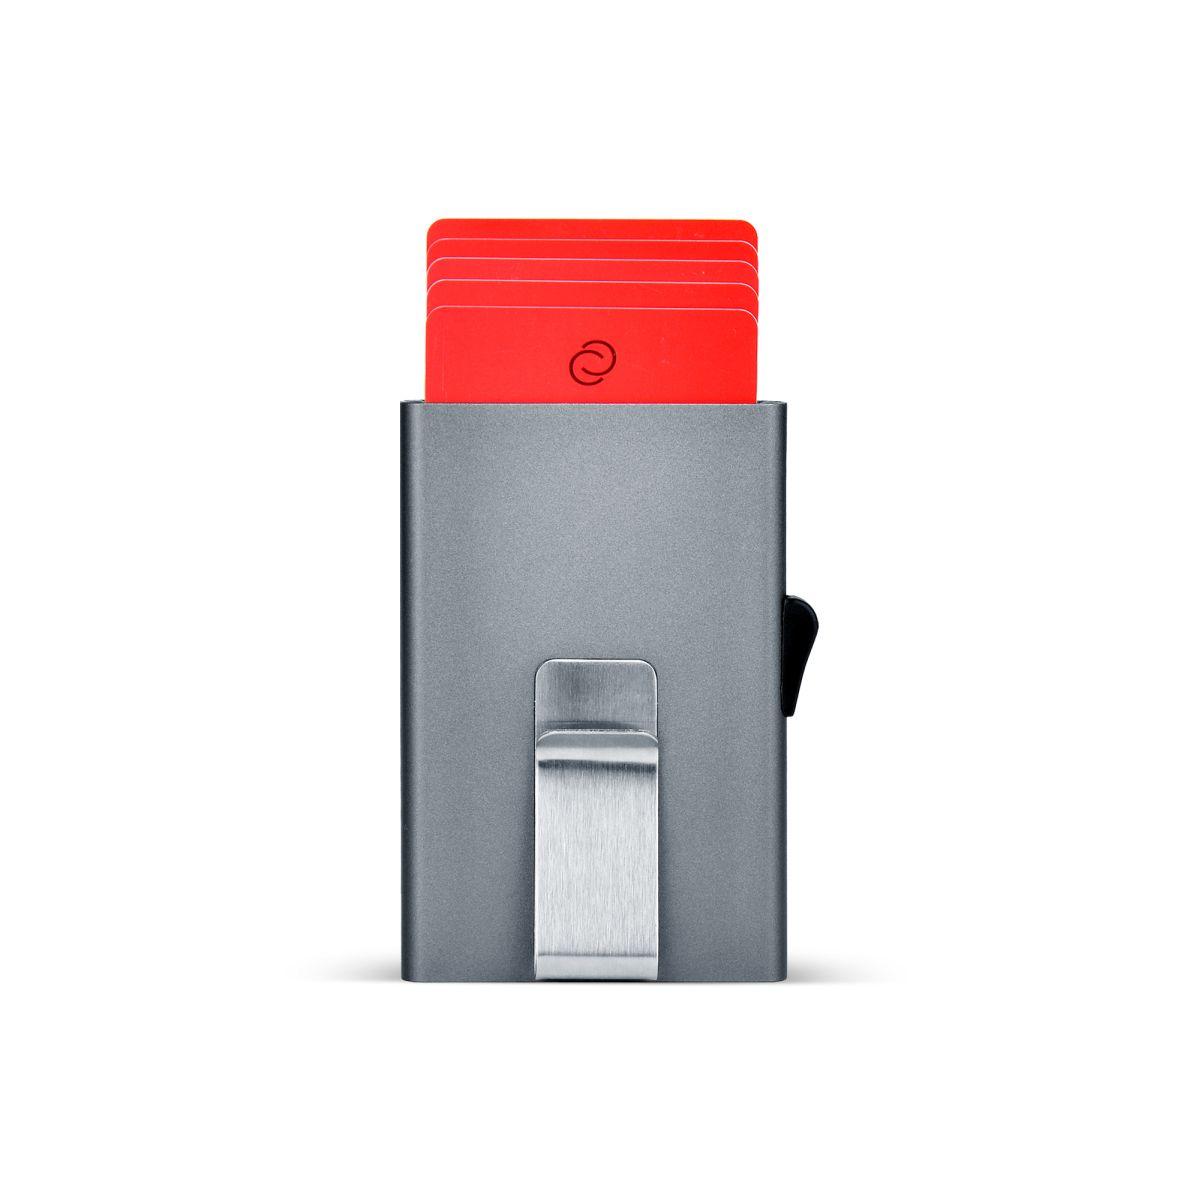 C-Secure ארנק אלומיניום דק בתוספת קליפס - טיטניום